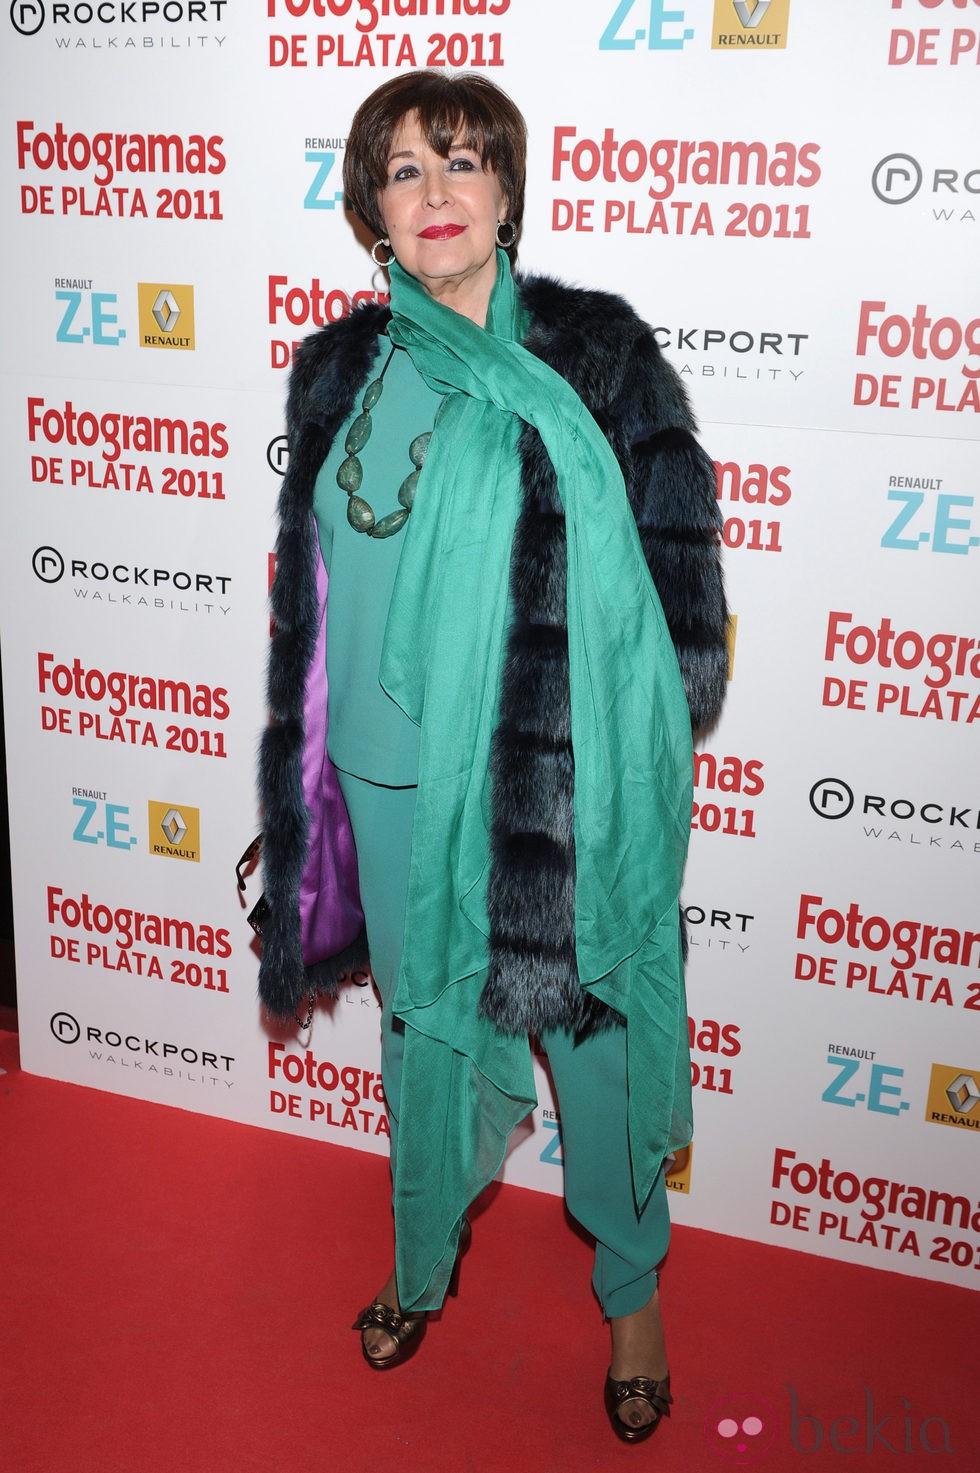 Concha Velasco En Los Fotogramas De Plata 2011: Fotos En Bekia